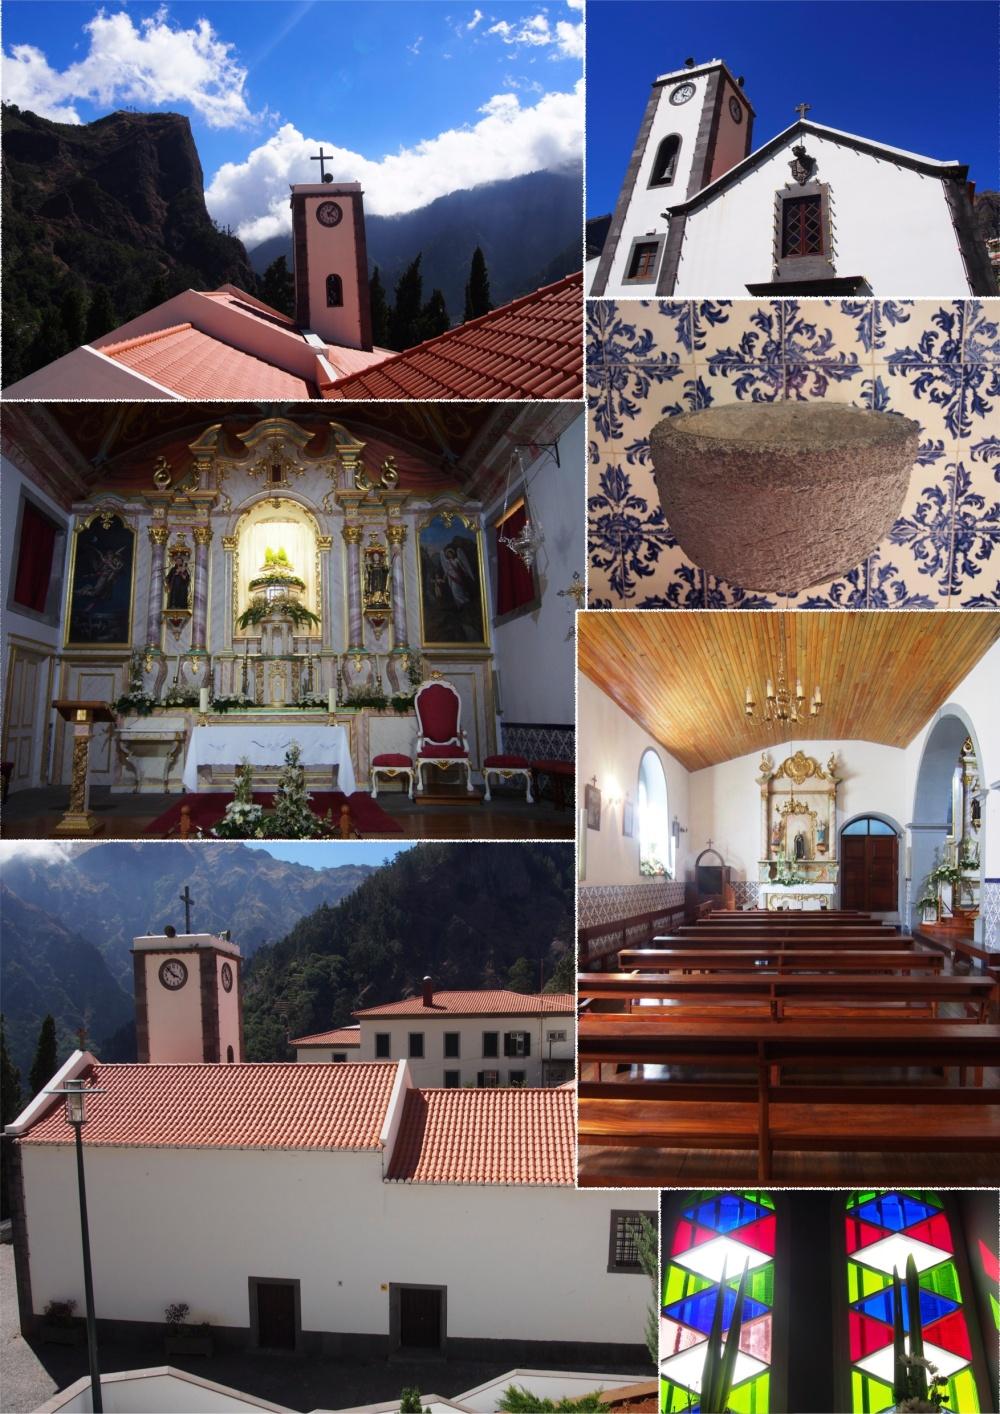 Eglise de Curral das Freiras.